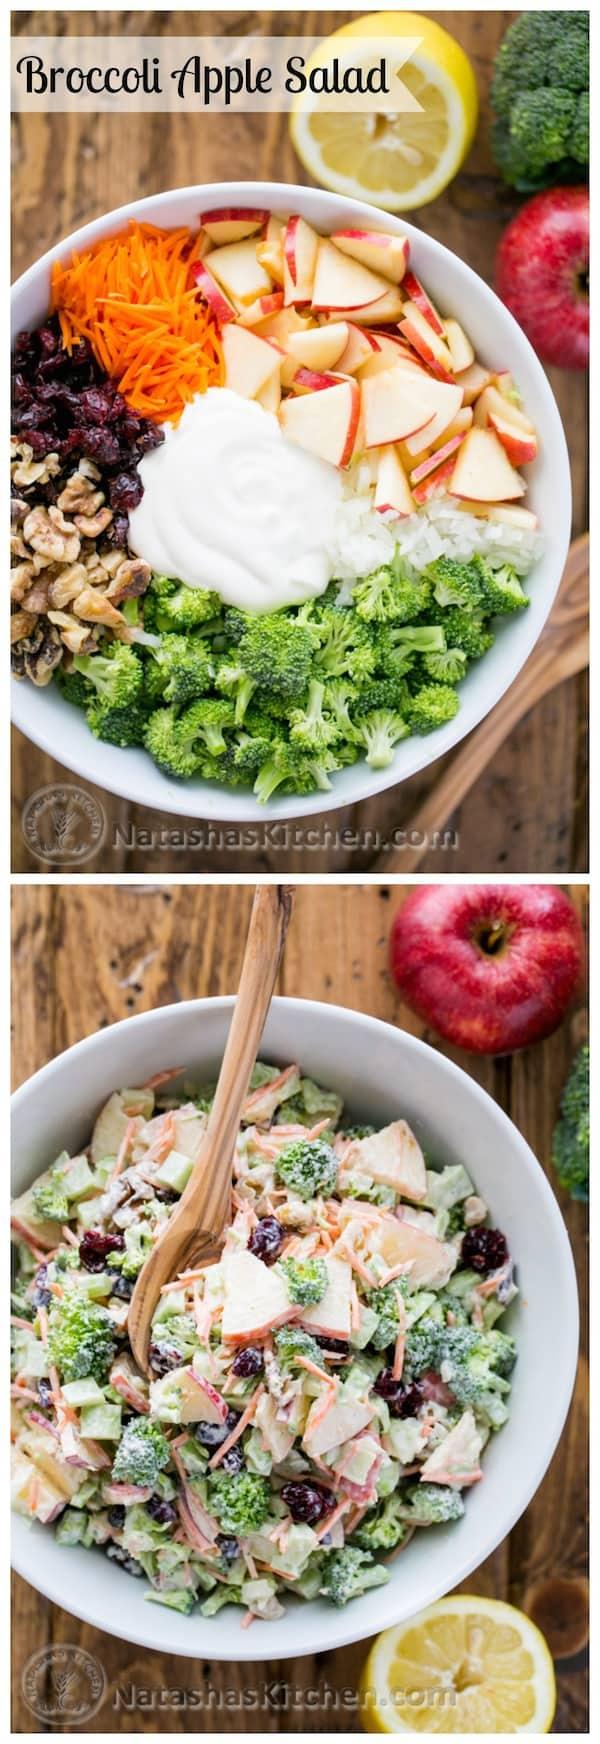 Broccoli salad with apple and walnuts natasha 39 s kitchen for Natashas kitchen